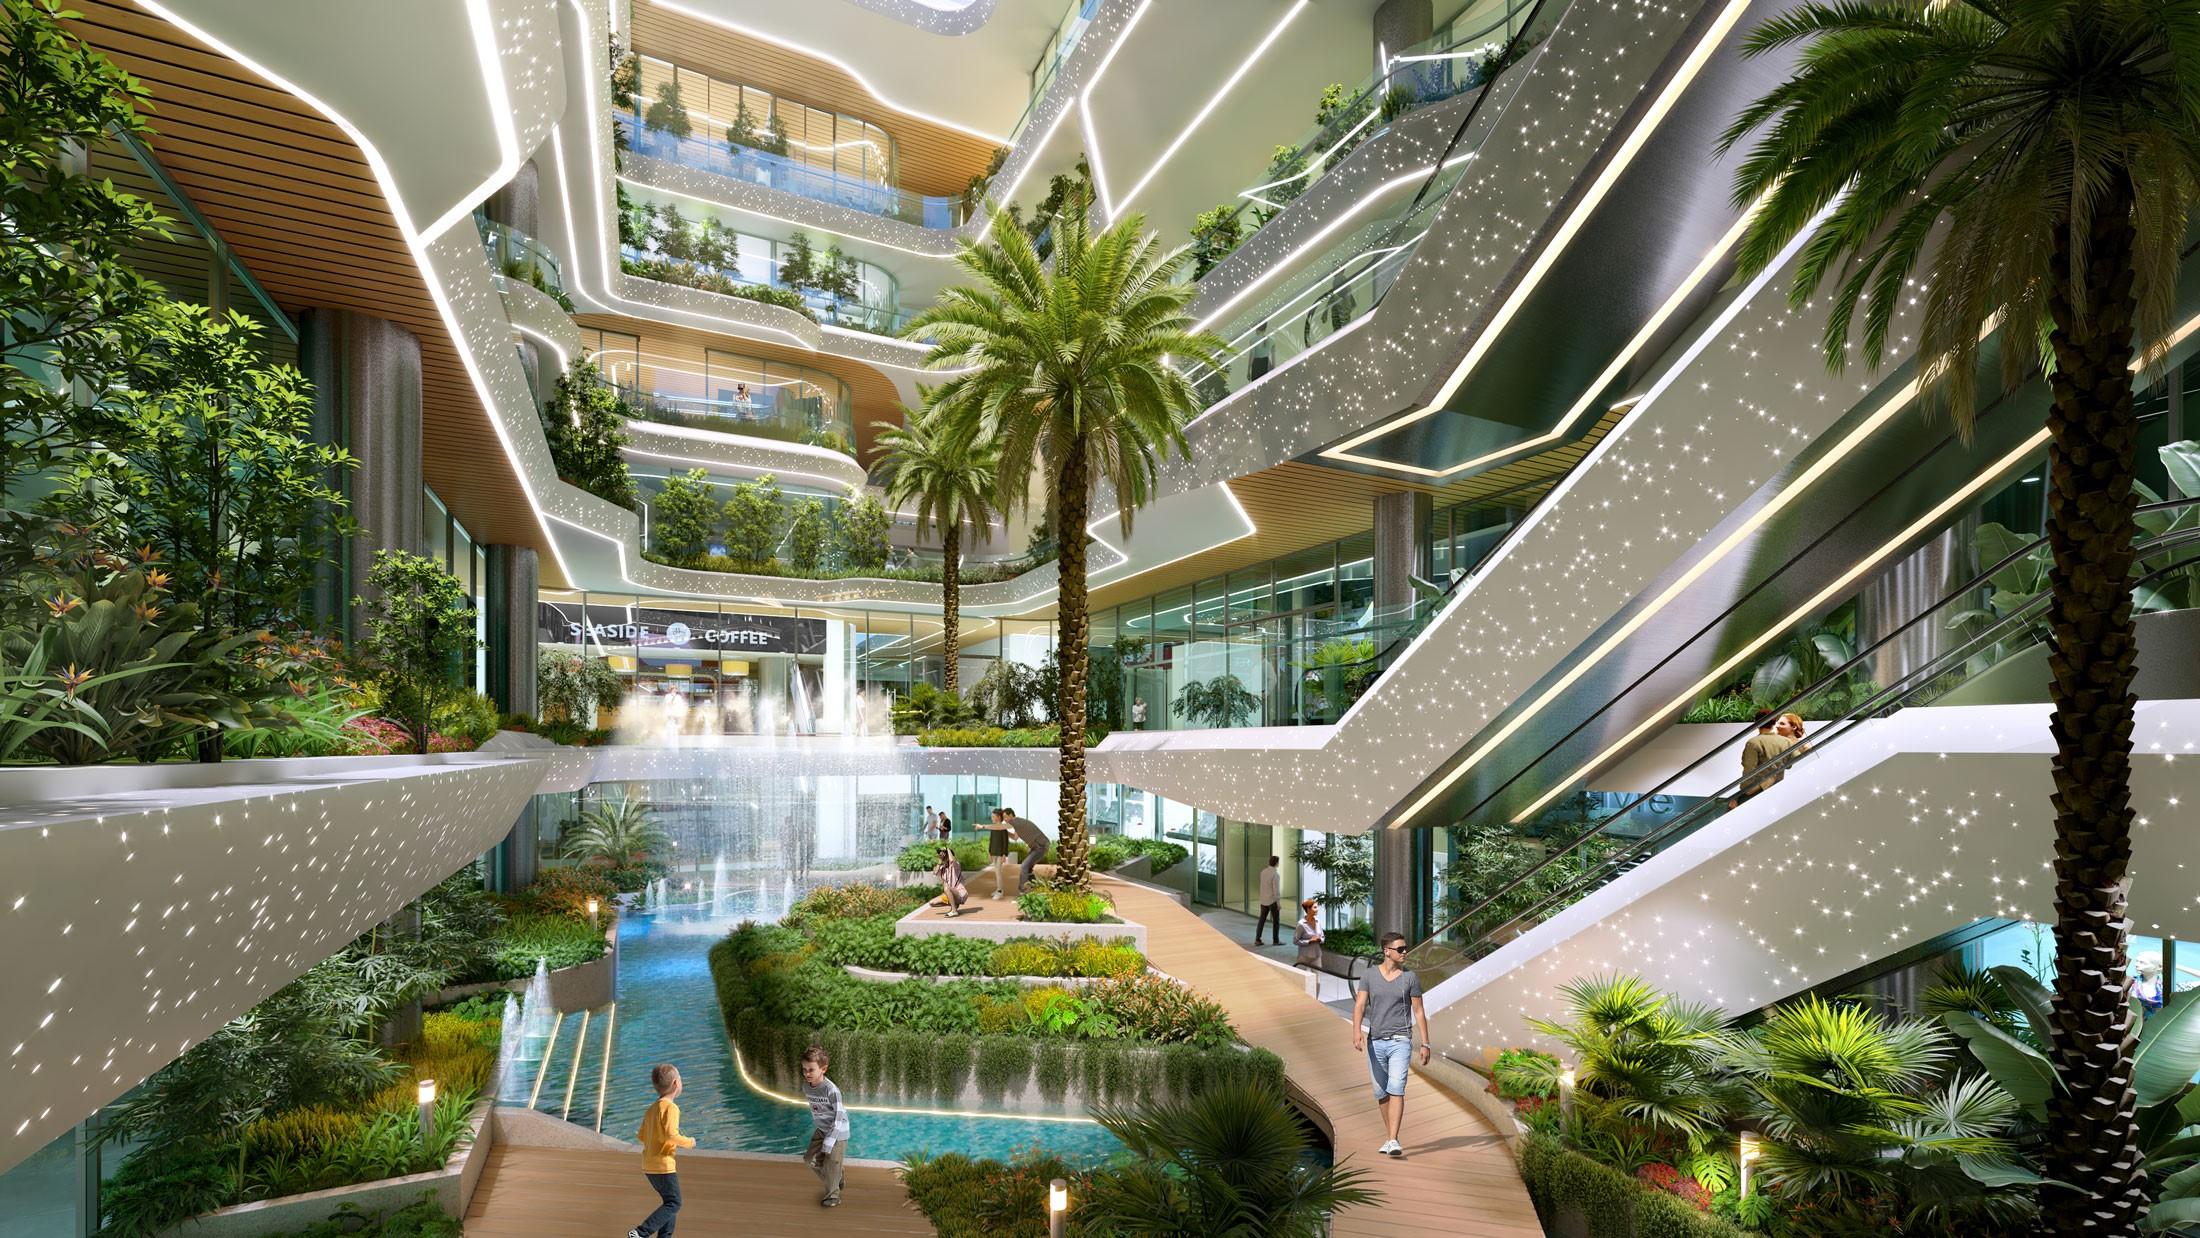 King Crown Infinity mang sắc xanh vào không gian sống. Ảnh phối cảnh: Đơn vị phát triển dự án BCG Land.